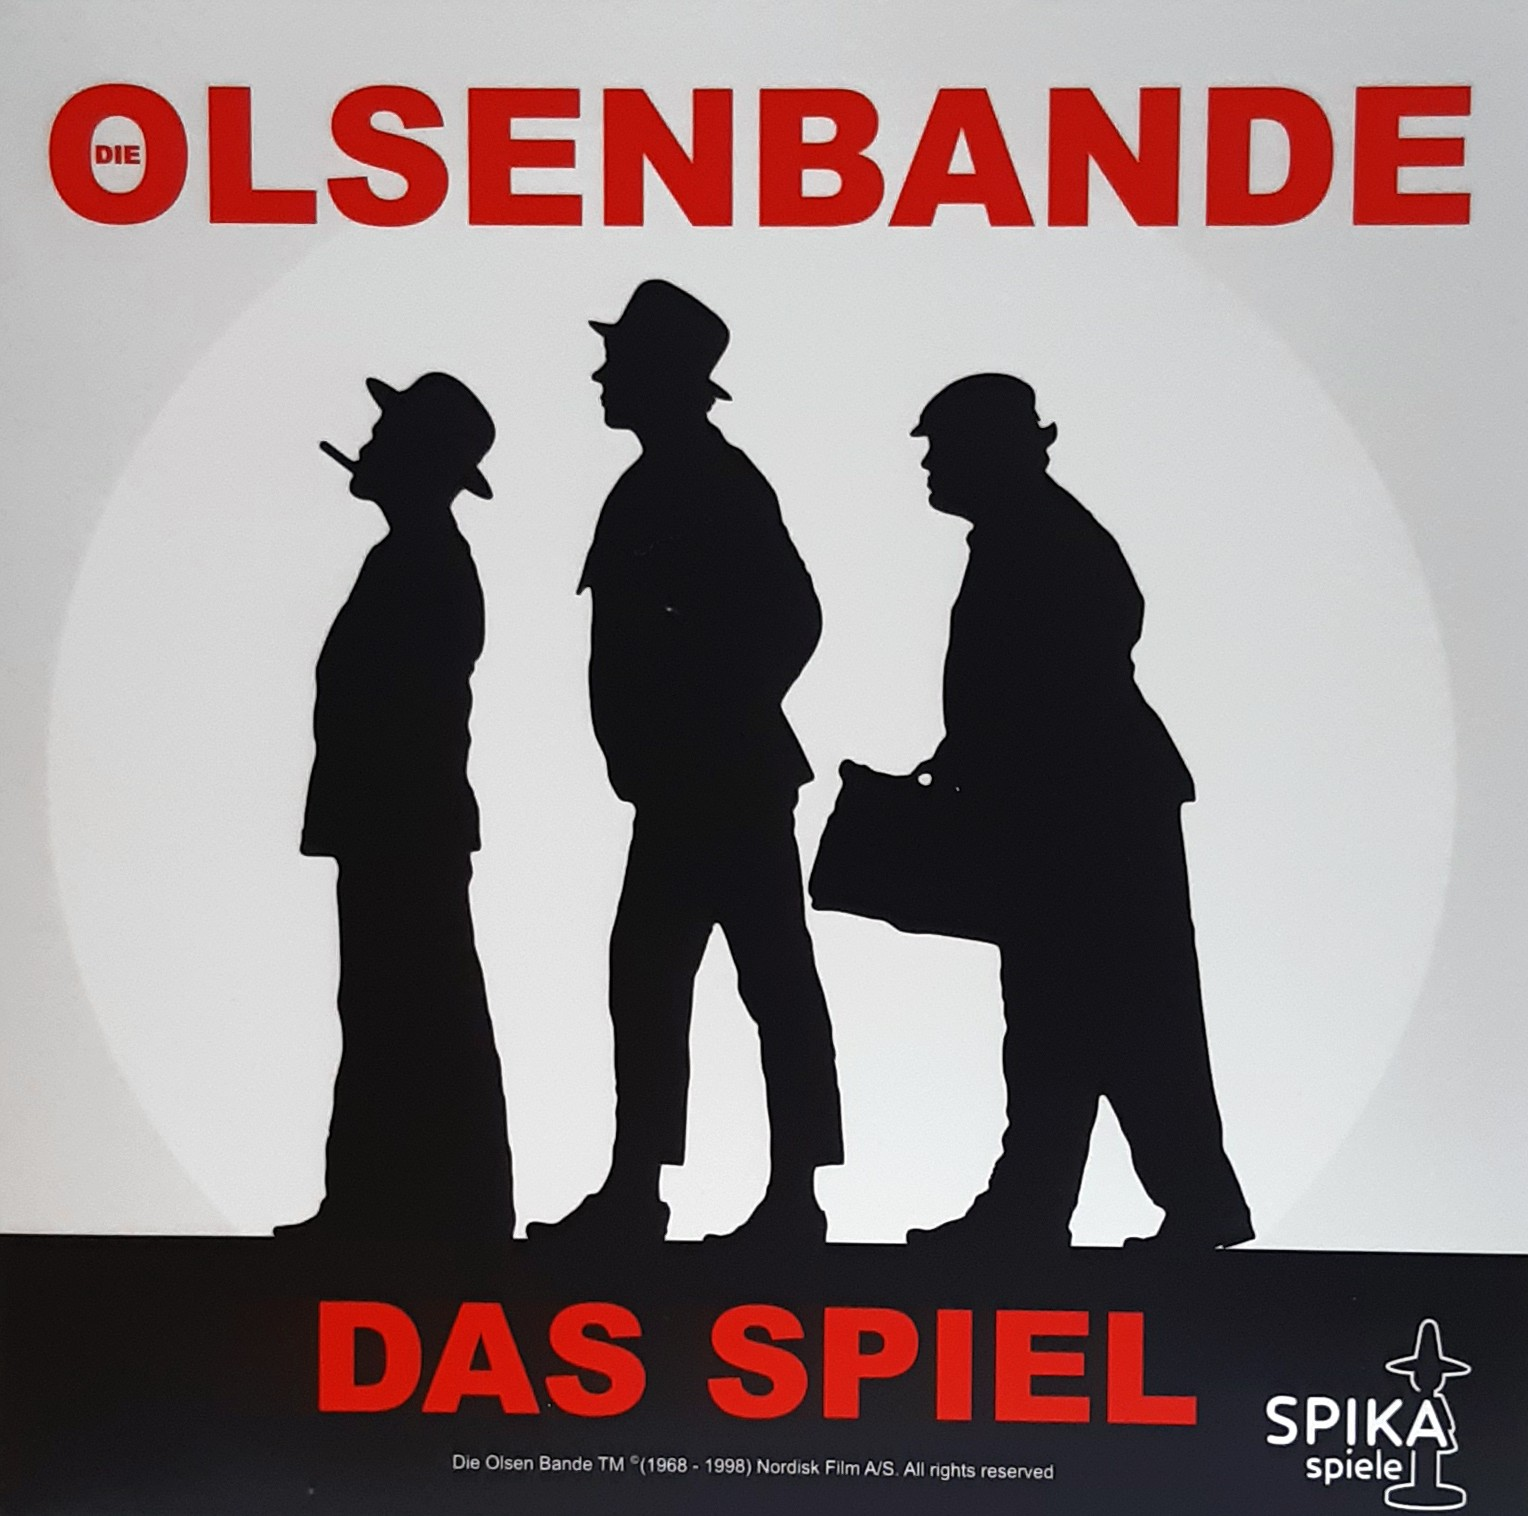 Die Olsenbande - Das Spiel